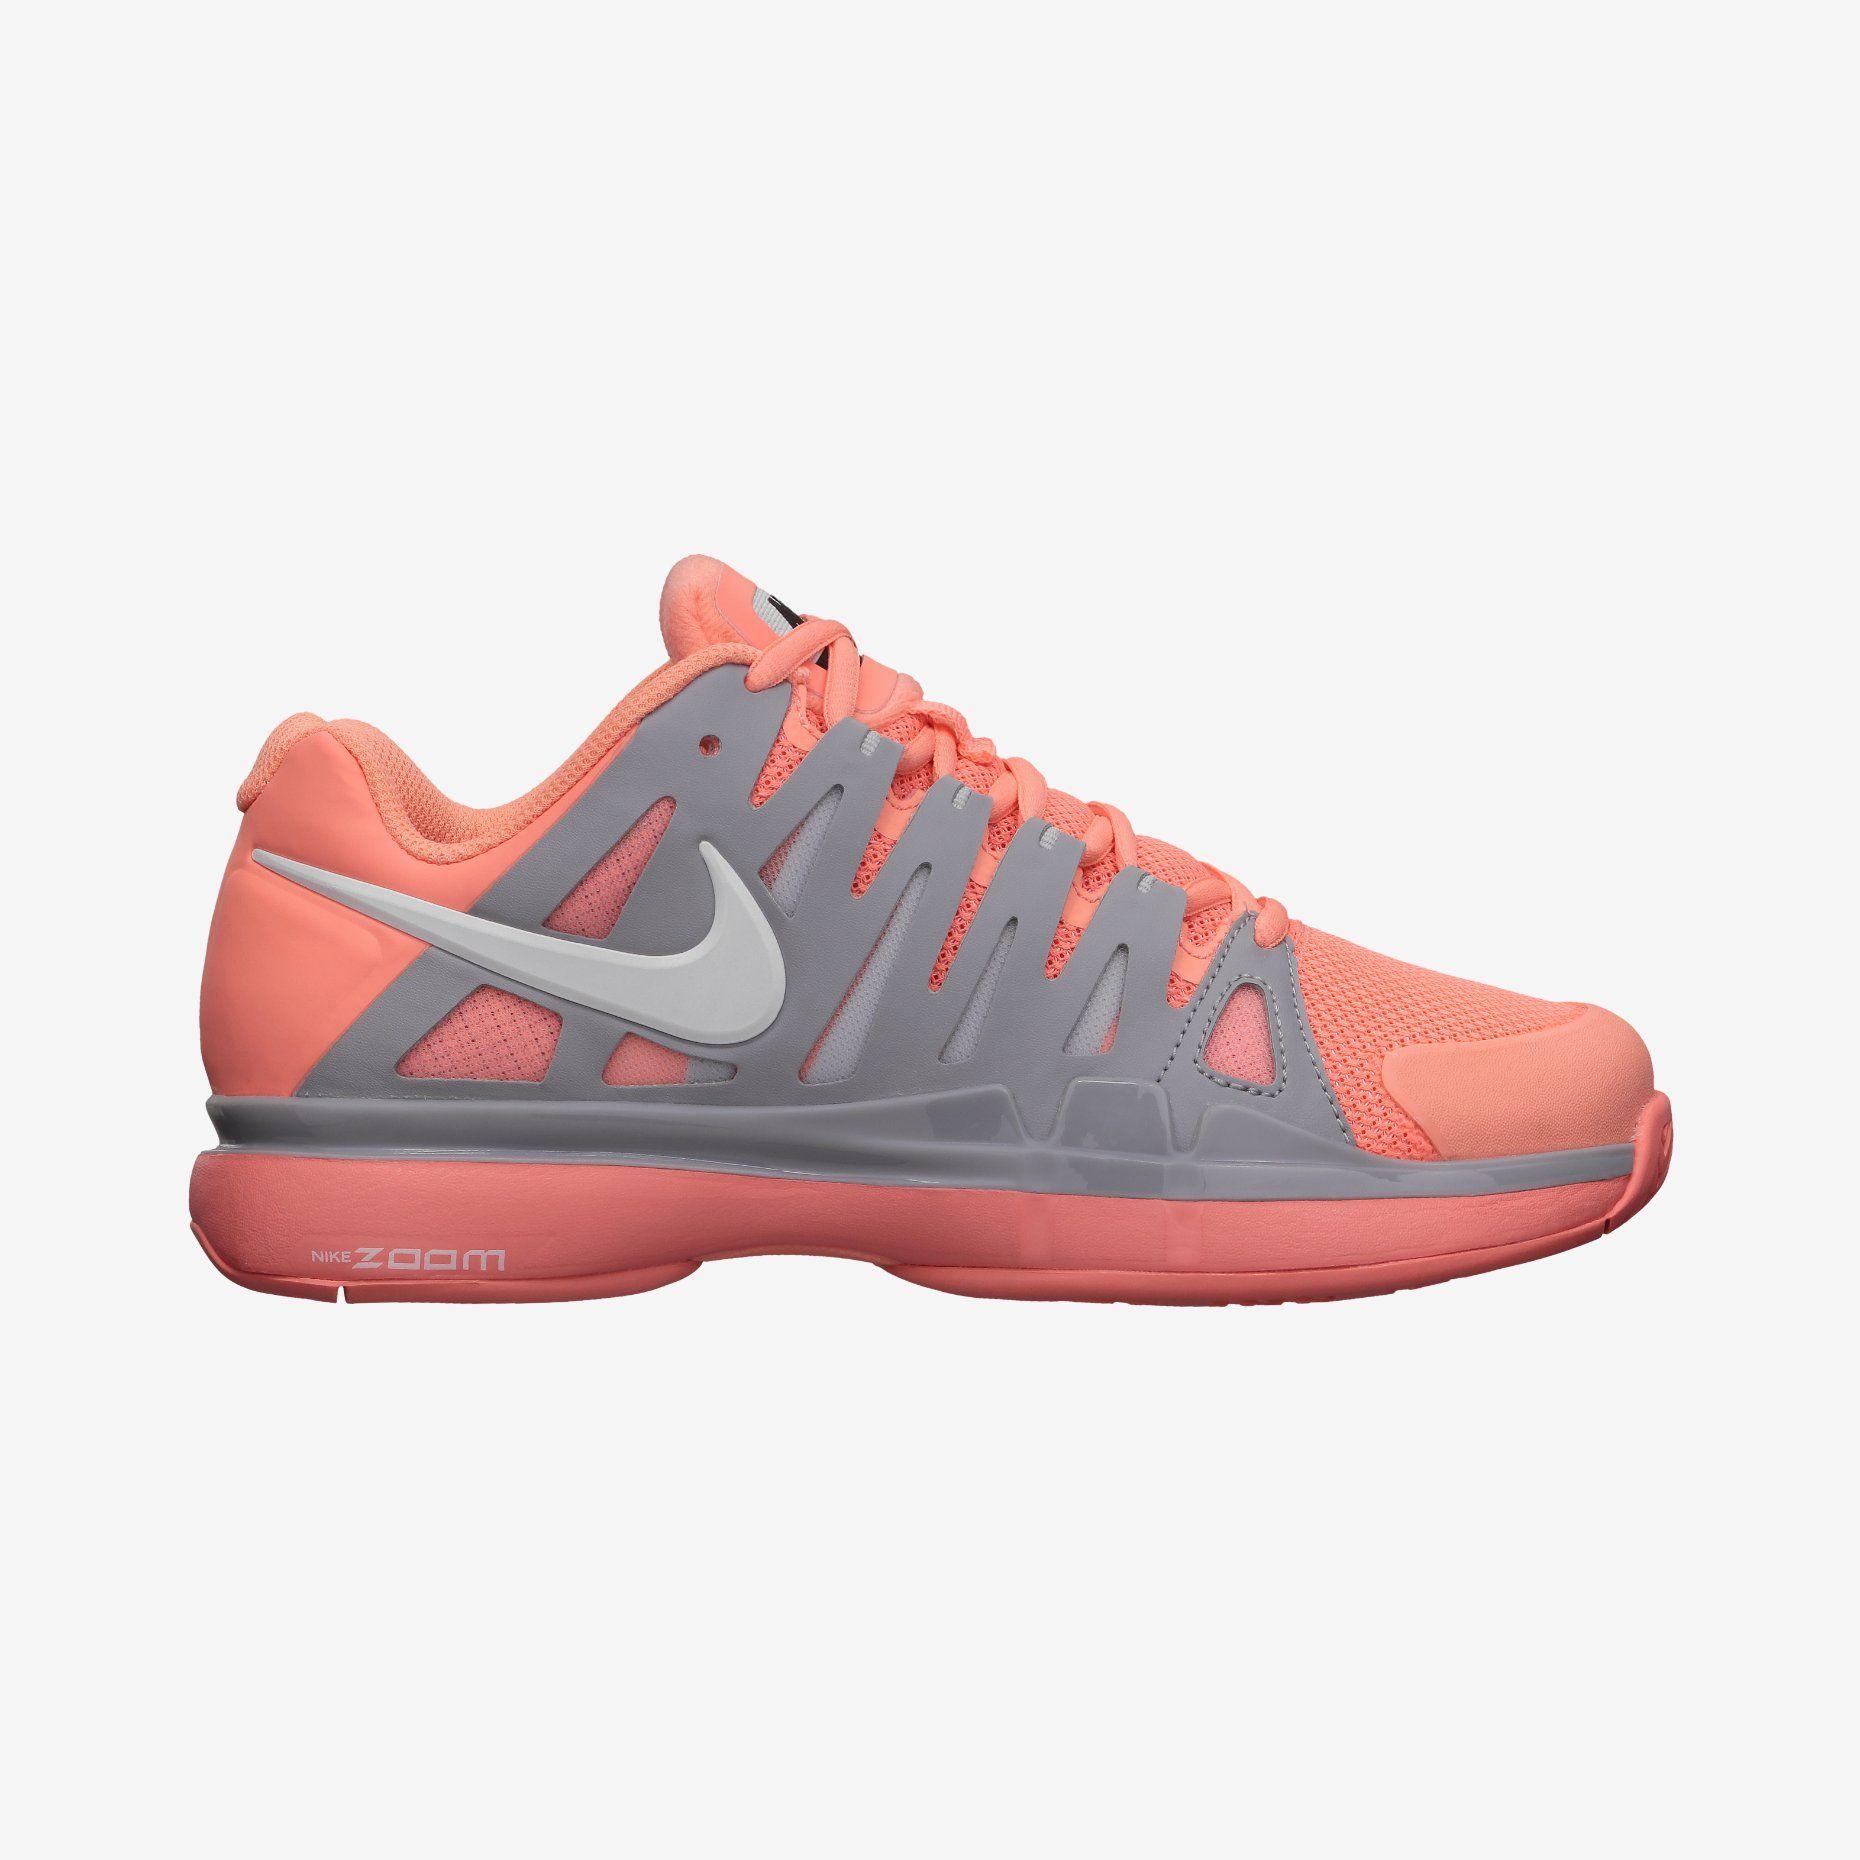 44602596d580 Nike Zoom Vapor 9 Tour - Women s - Tennis - Shoes - White Pink Foil ...